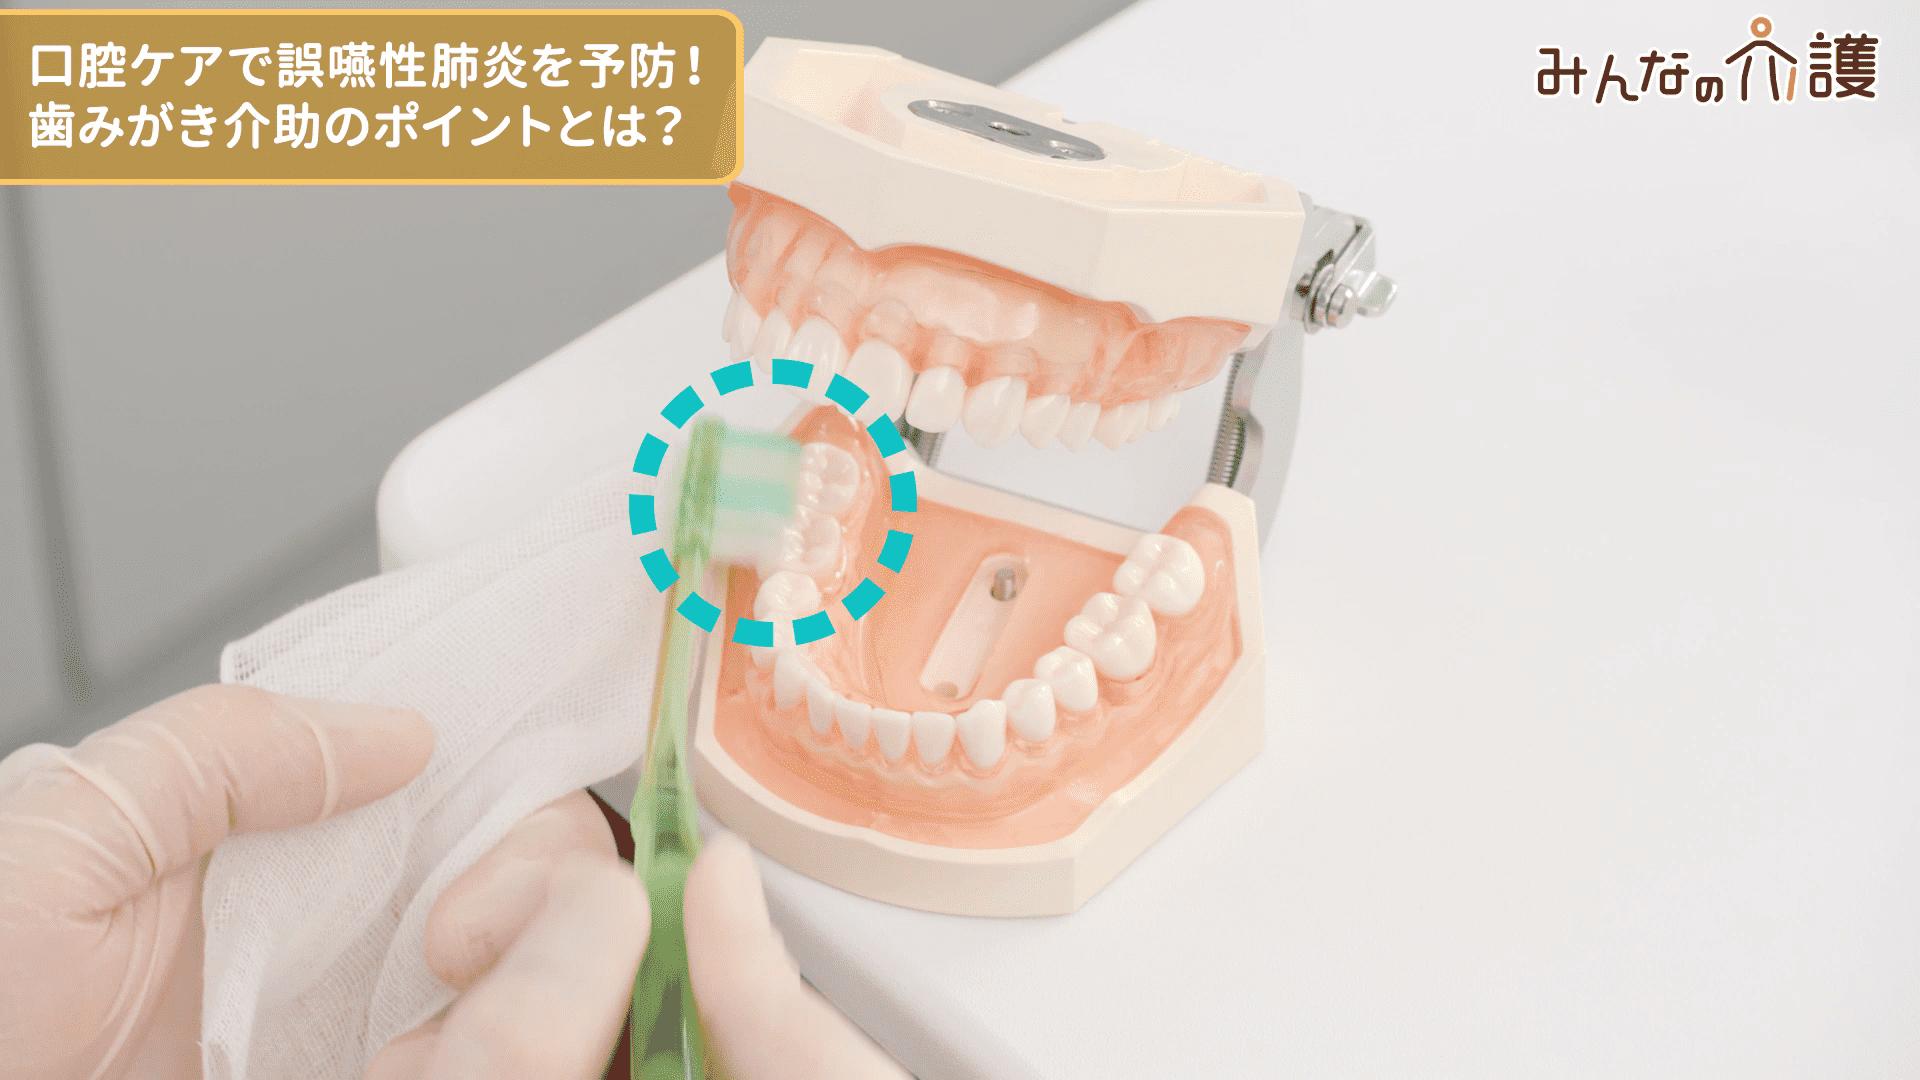 下の歯を磨く様子